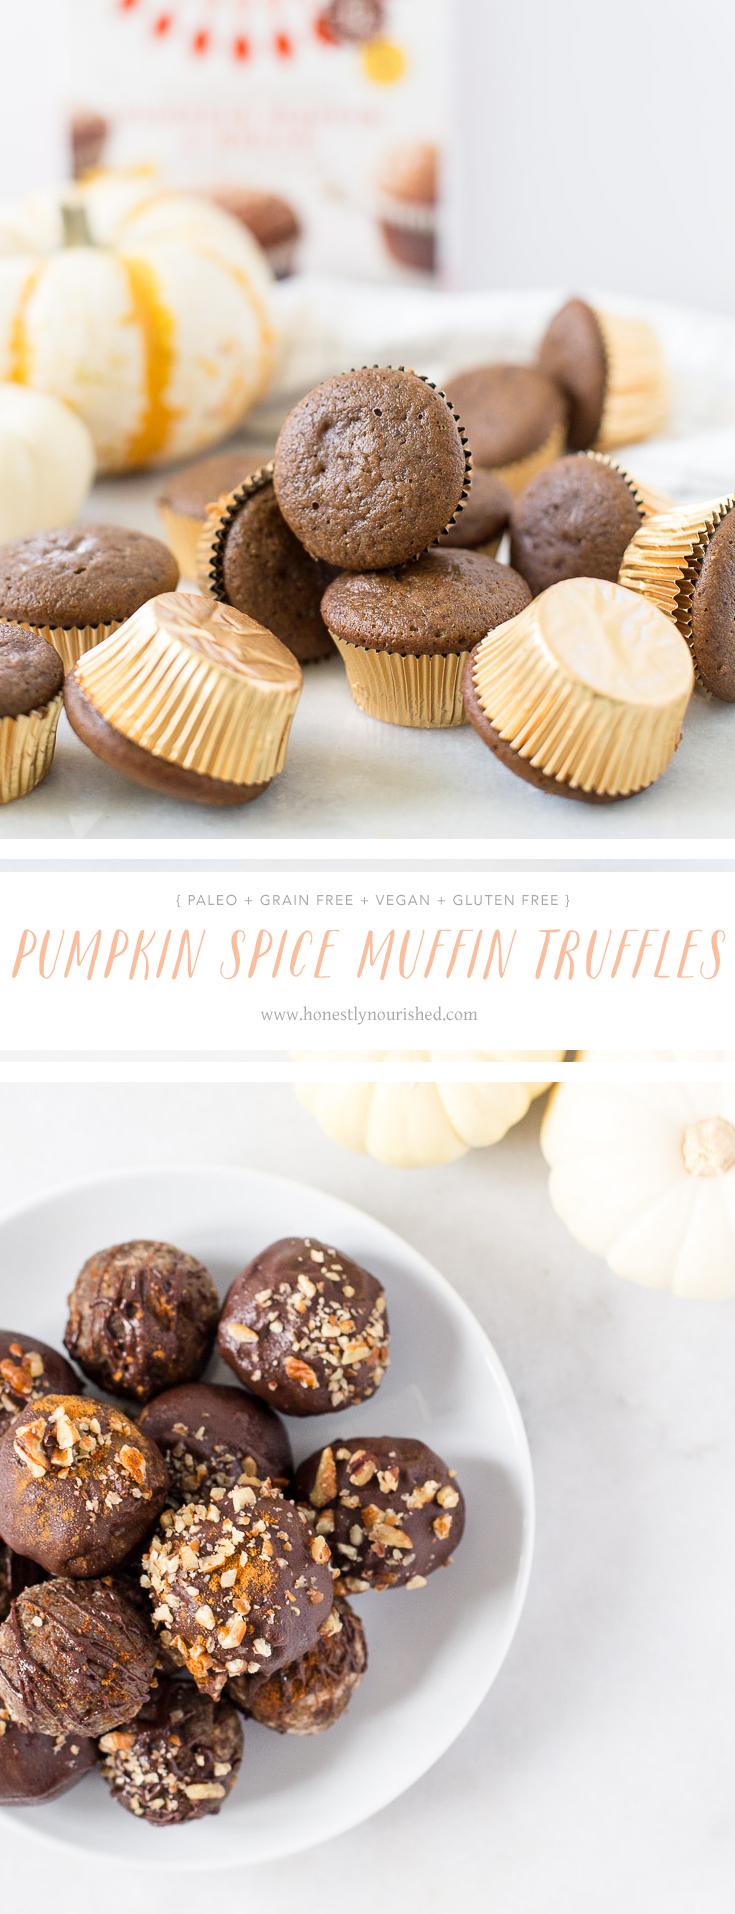 pumpkin-spice-muffin-truffles3